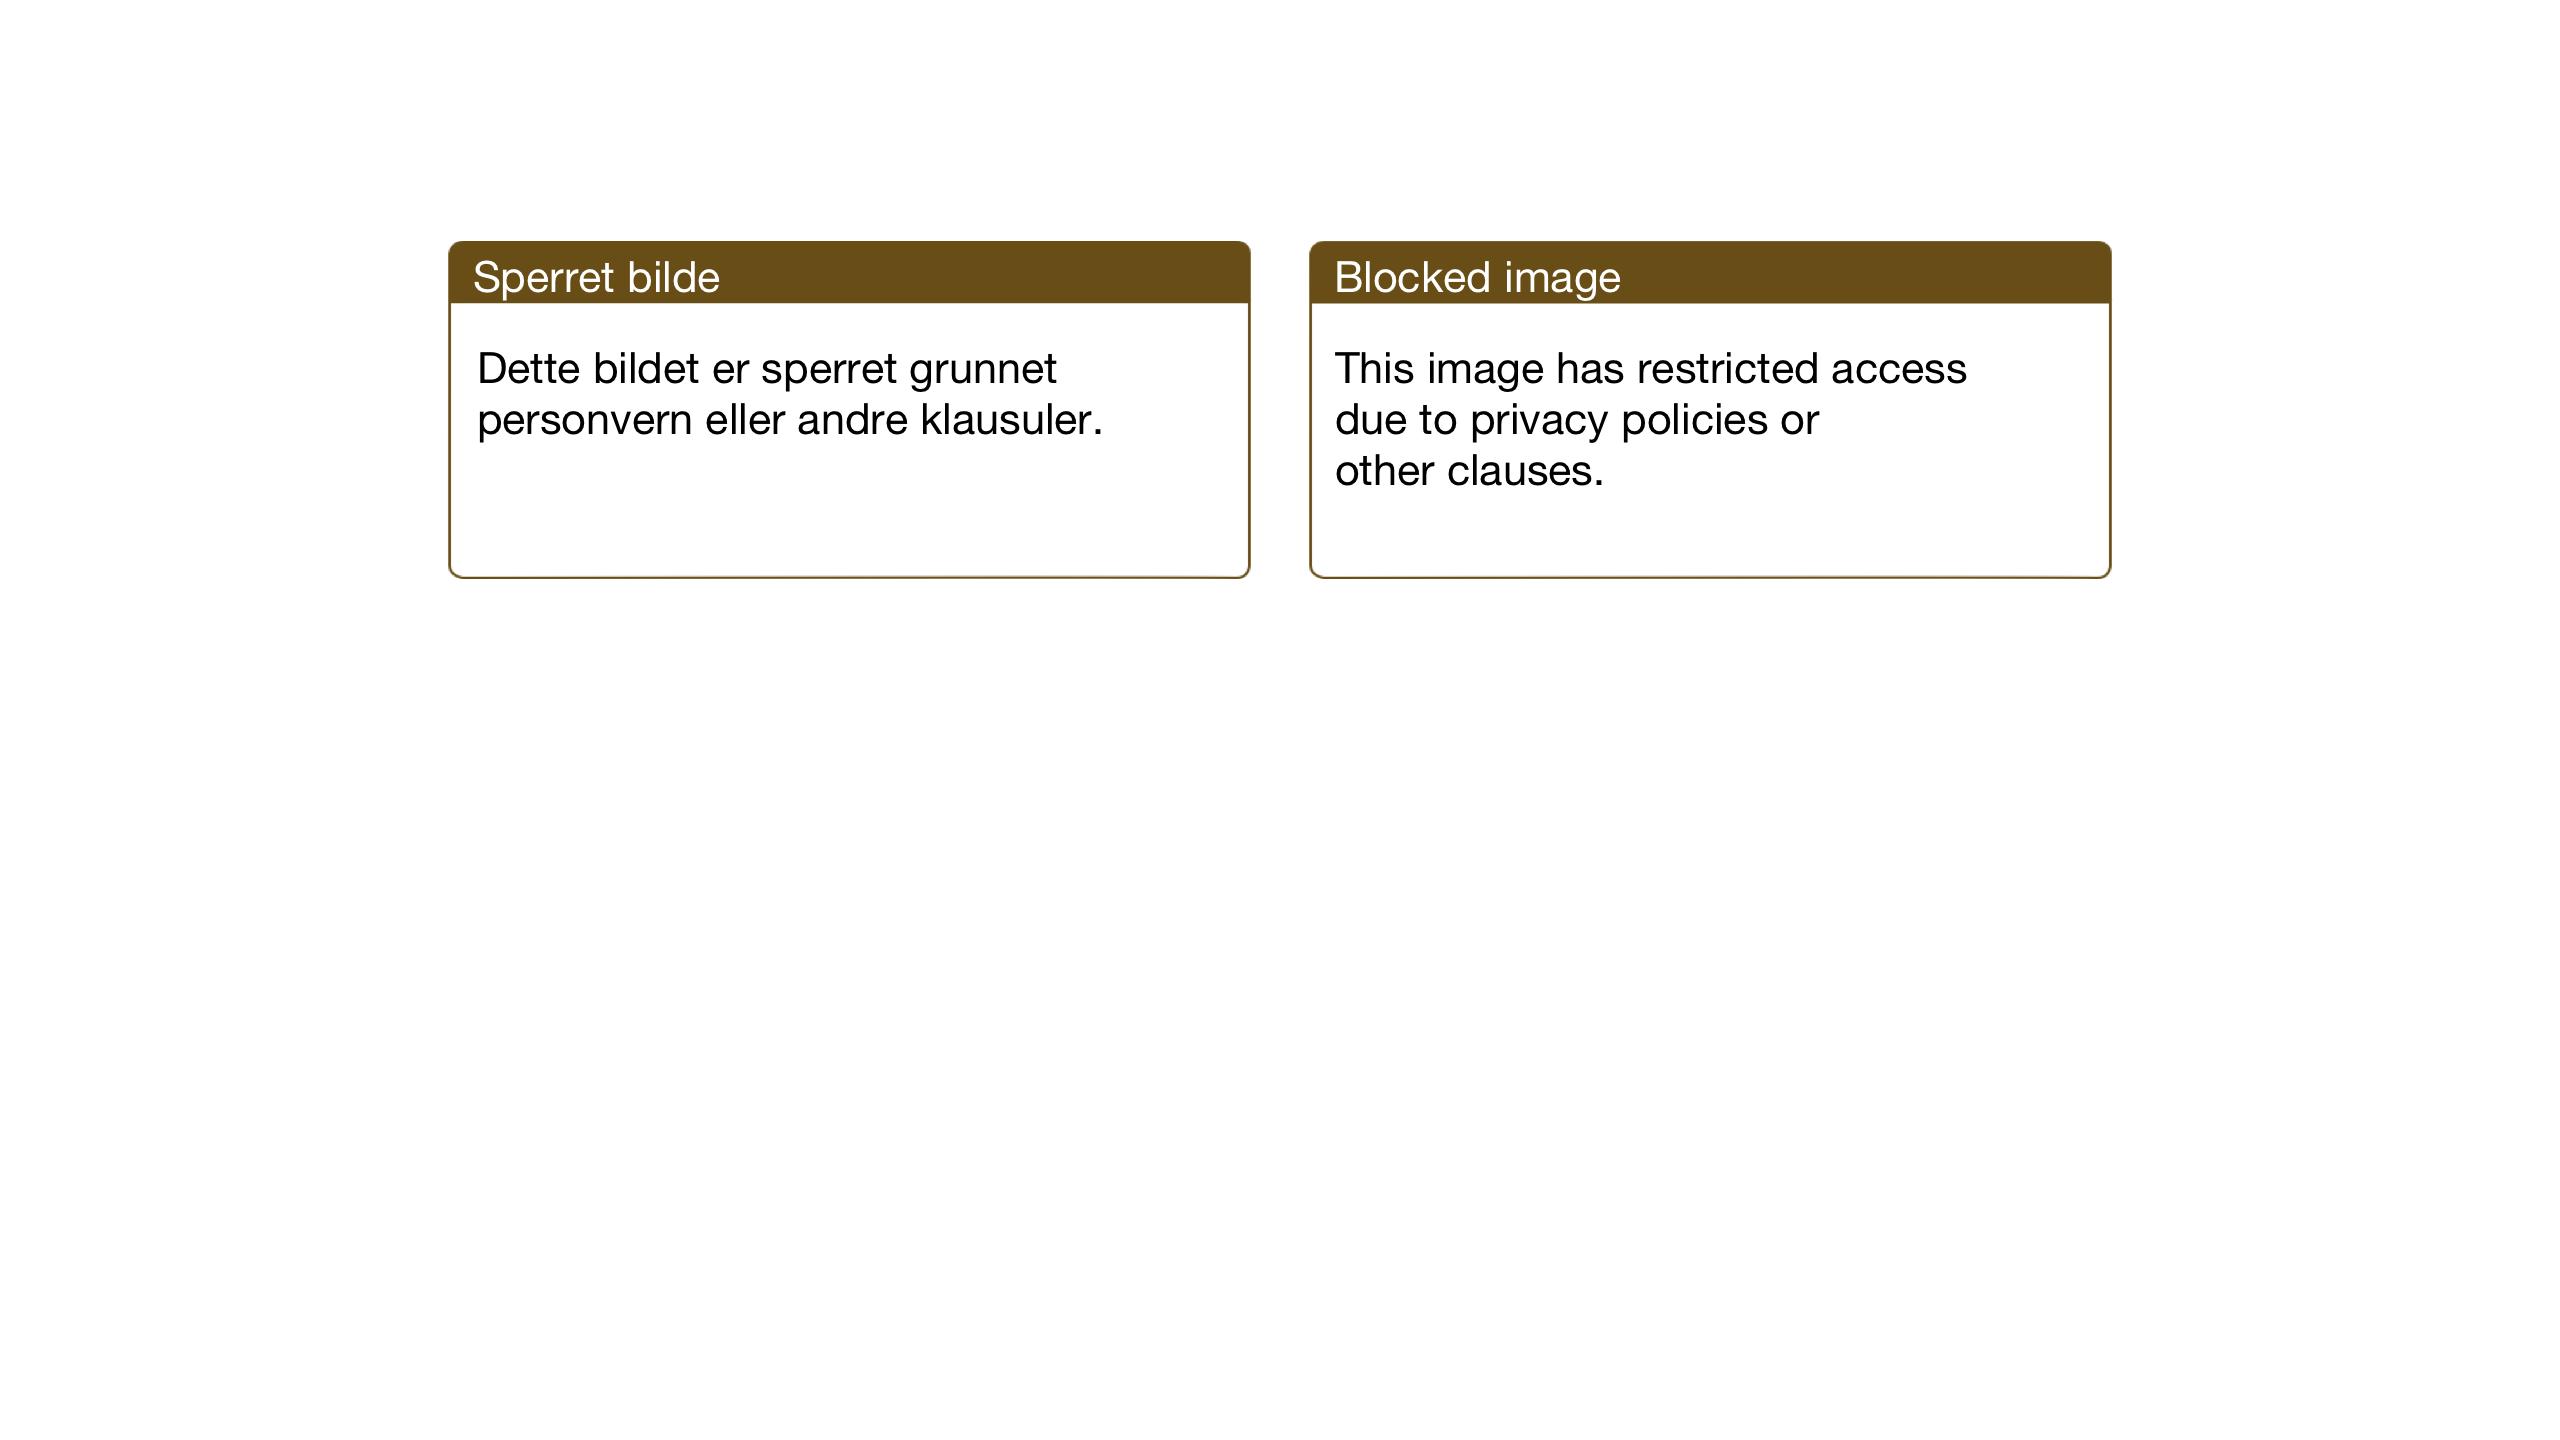 SAT, Ministerialprotokoller, klokkerbøker og fødselsregistre - Sør-Trøndelag, 603/L0174: Klokkerbok nr. 603C02, 1923-1951, s. 195